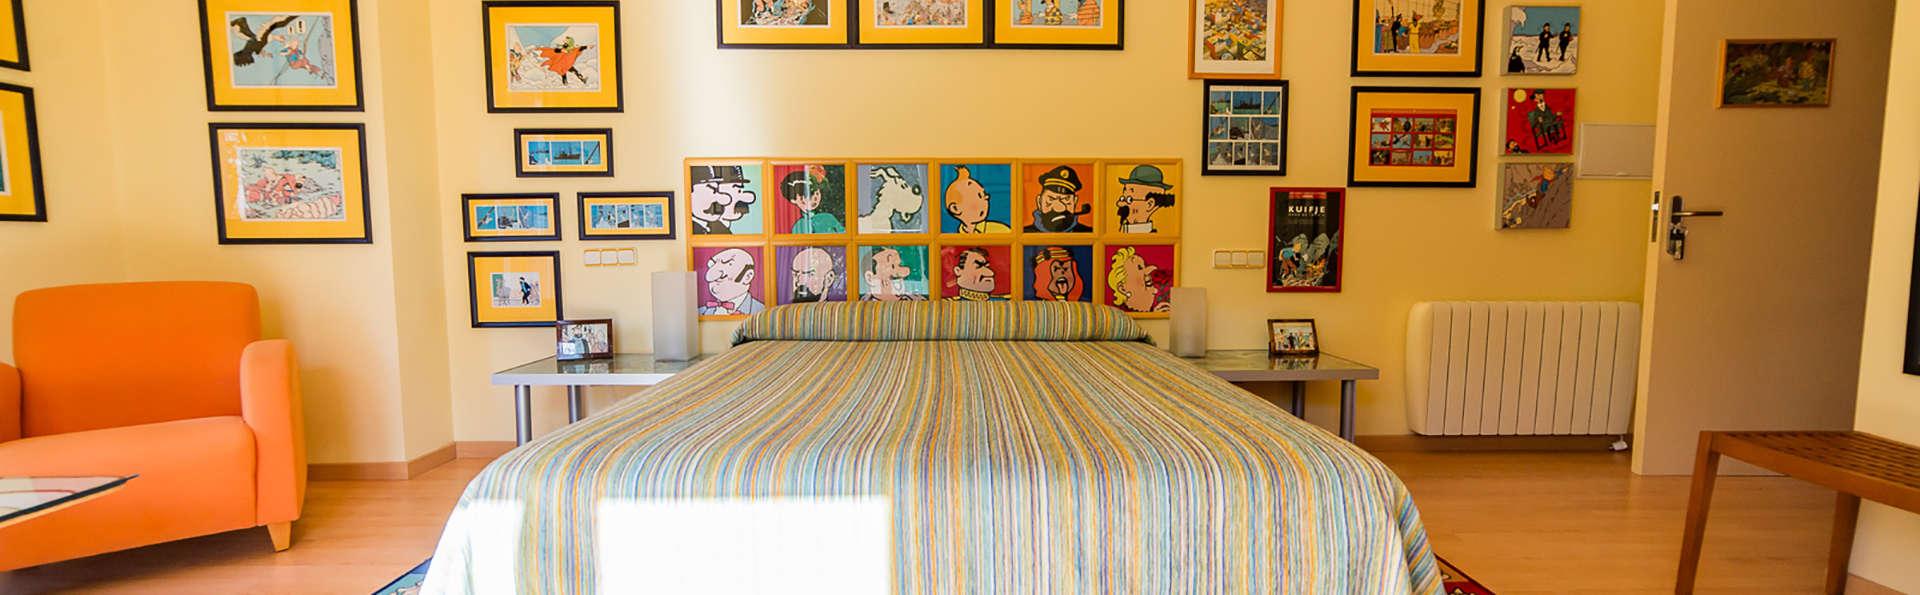 Fans de Tintin : Escapade en demi-pension avec cava et visite d'une collection privée